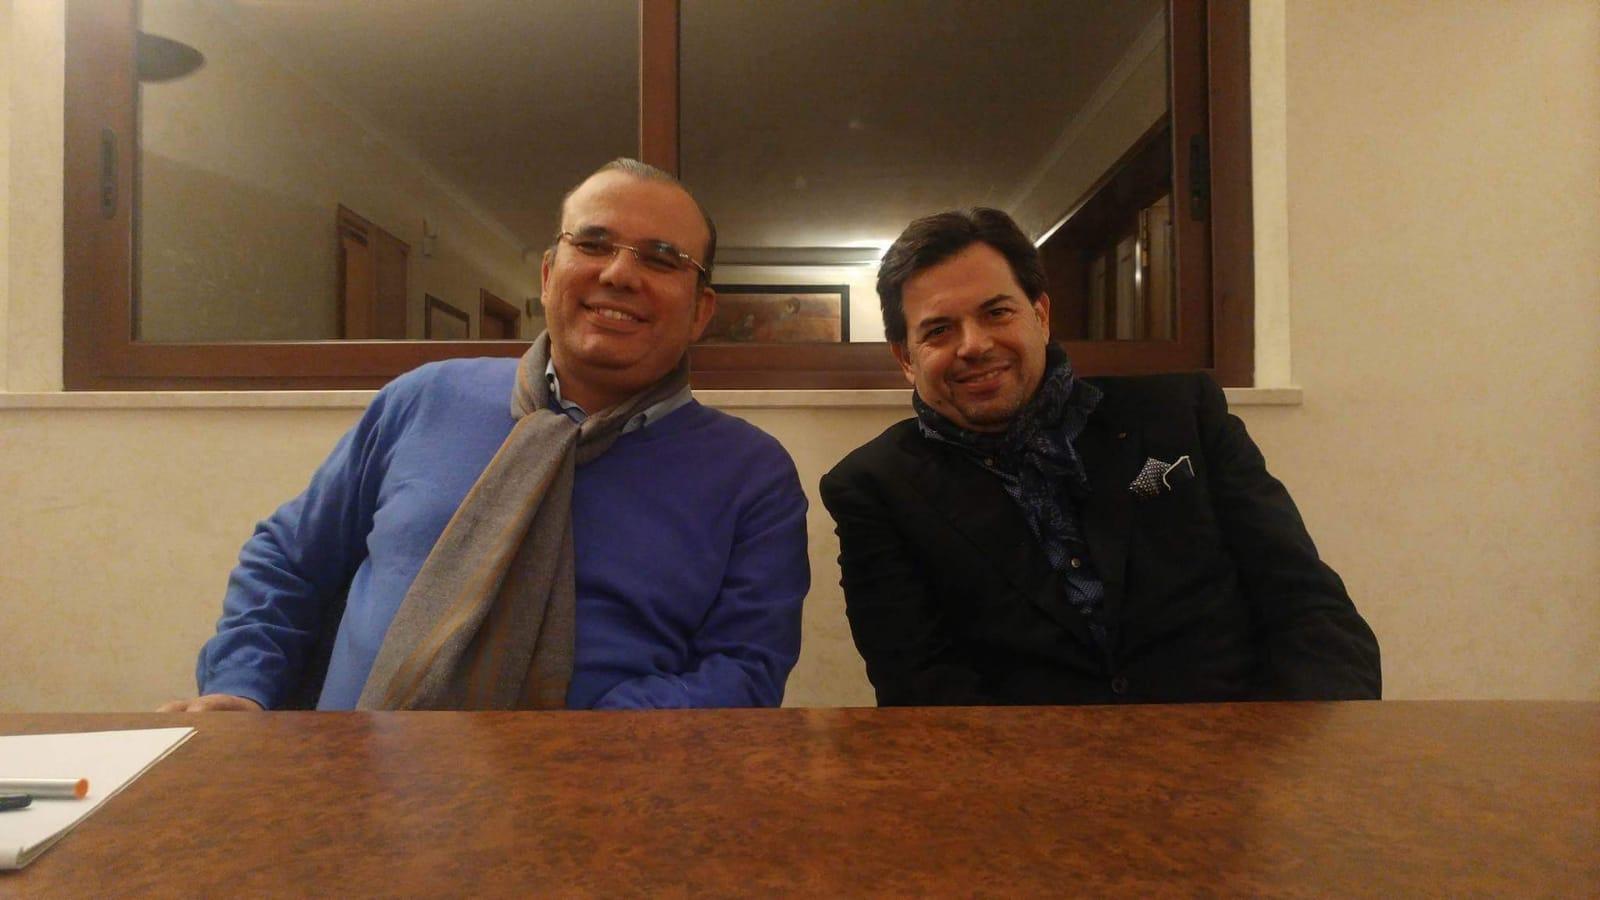 Foto di Beppe Picciolo e Fabio D'Amore, nota diffusa dopo le politiche 2018